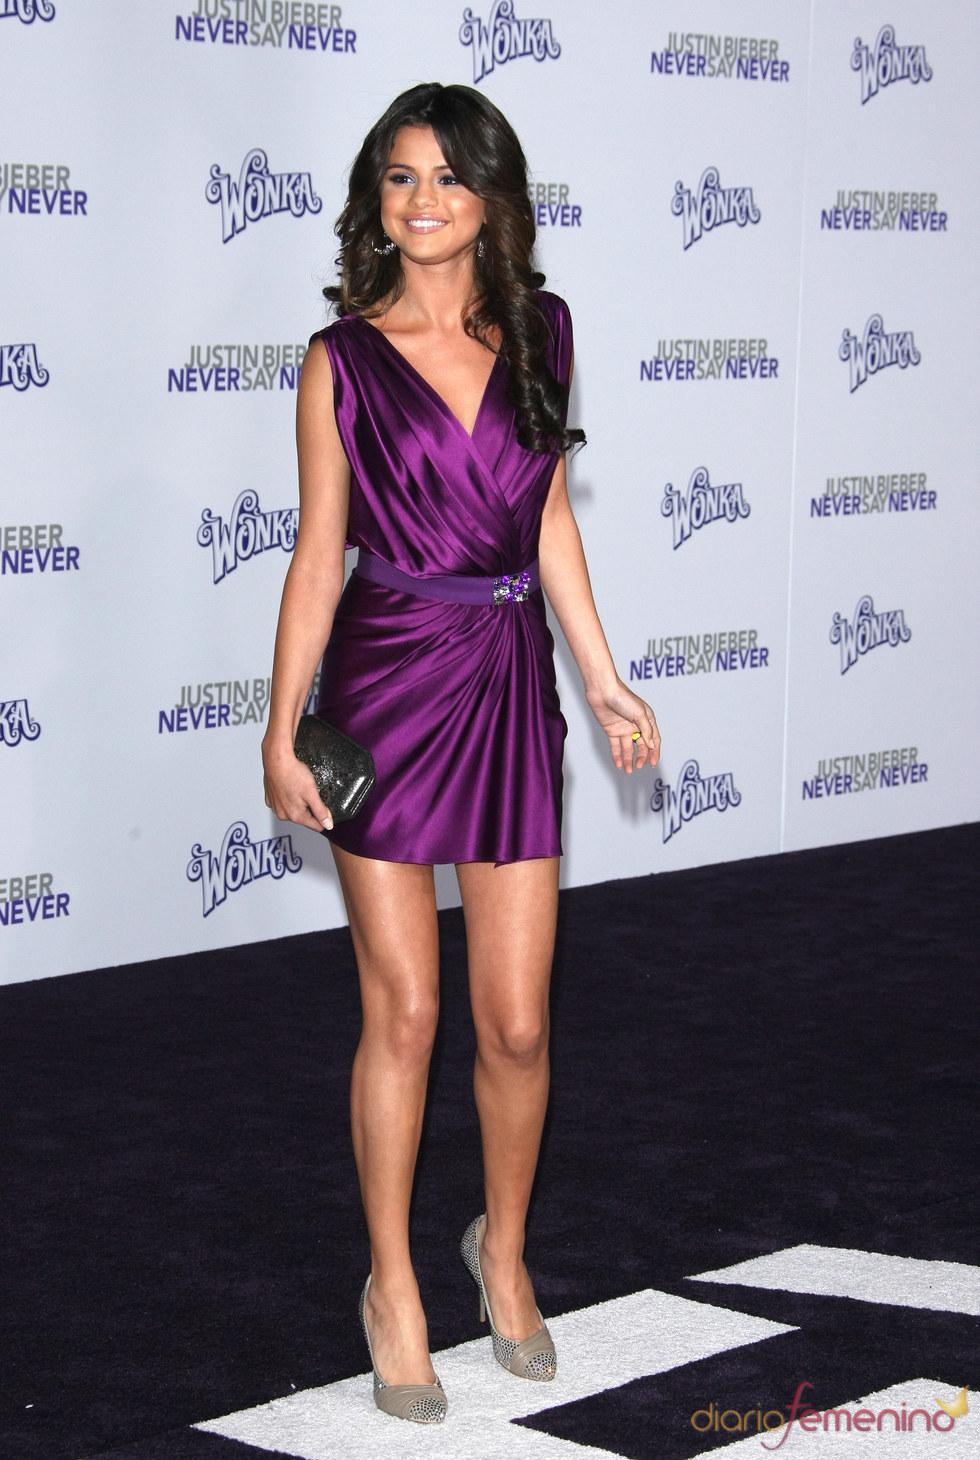 Selena Gómez no se pierde la premier de la película de Justin Bieber